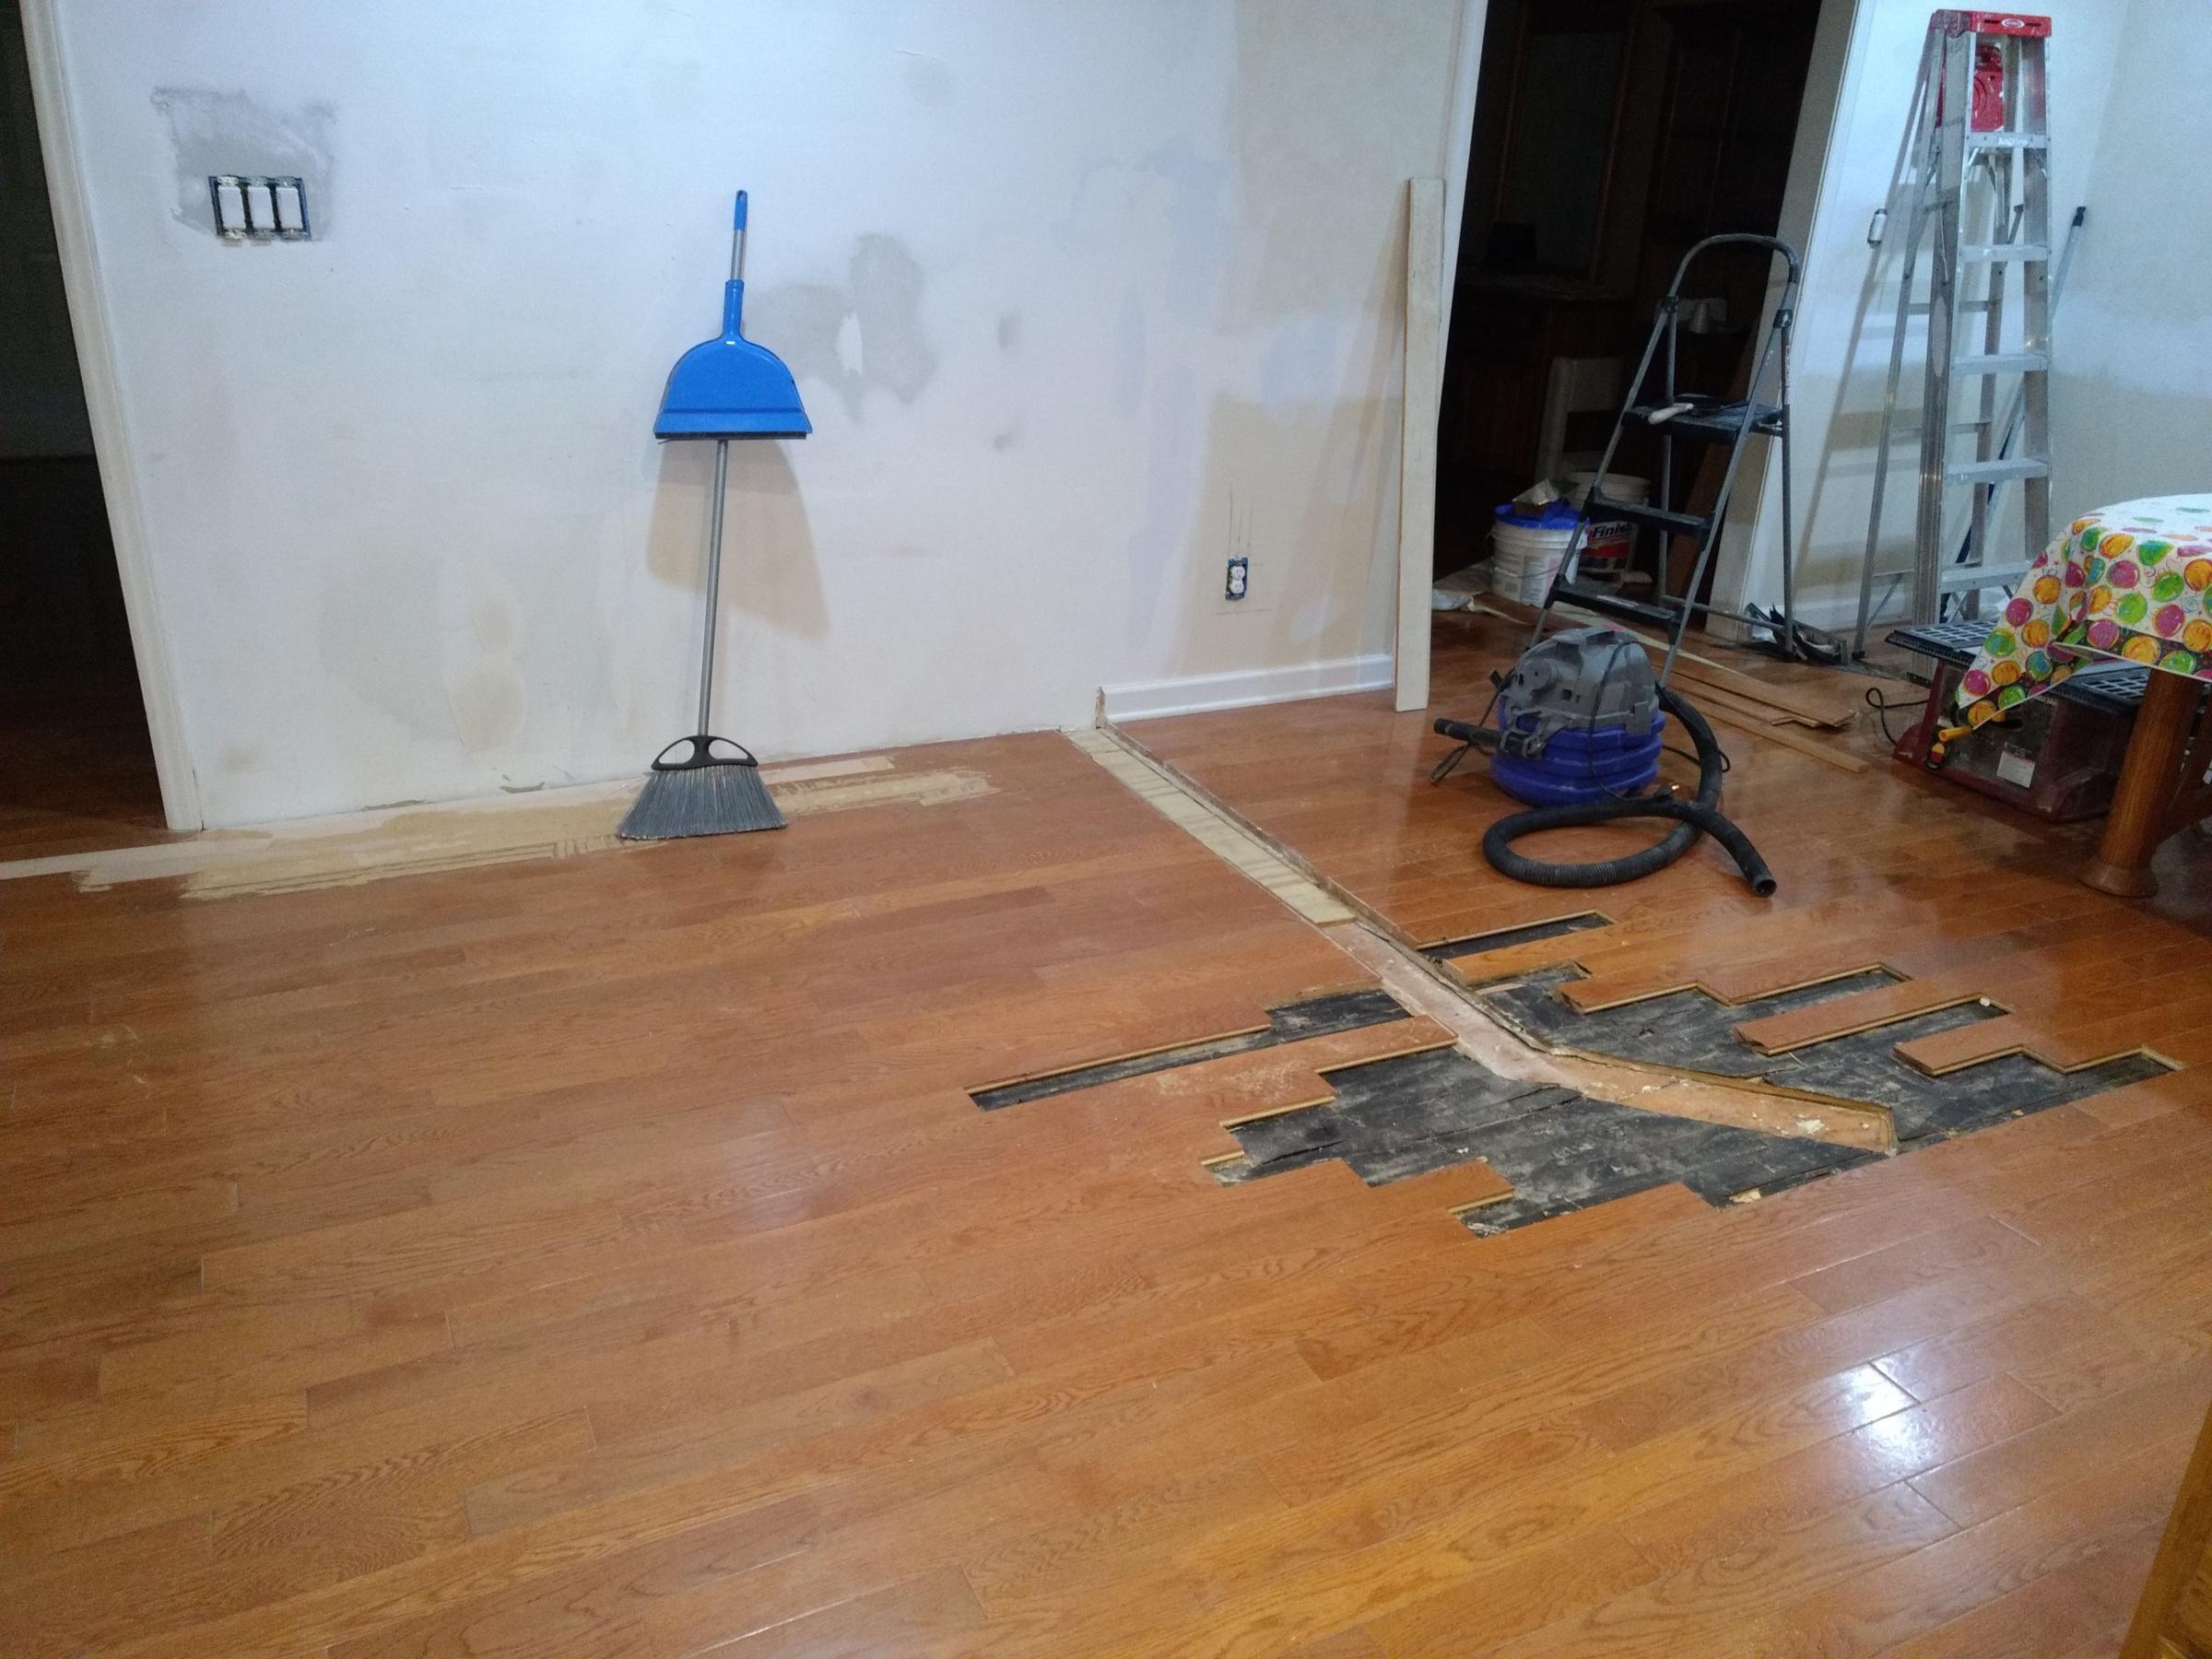 Hardwood floor repair weaving-before-pantry-weave-2017-0815-.jpg